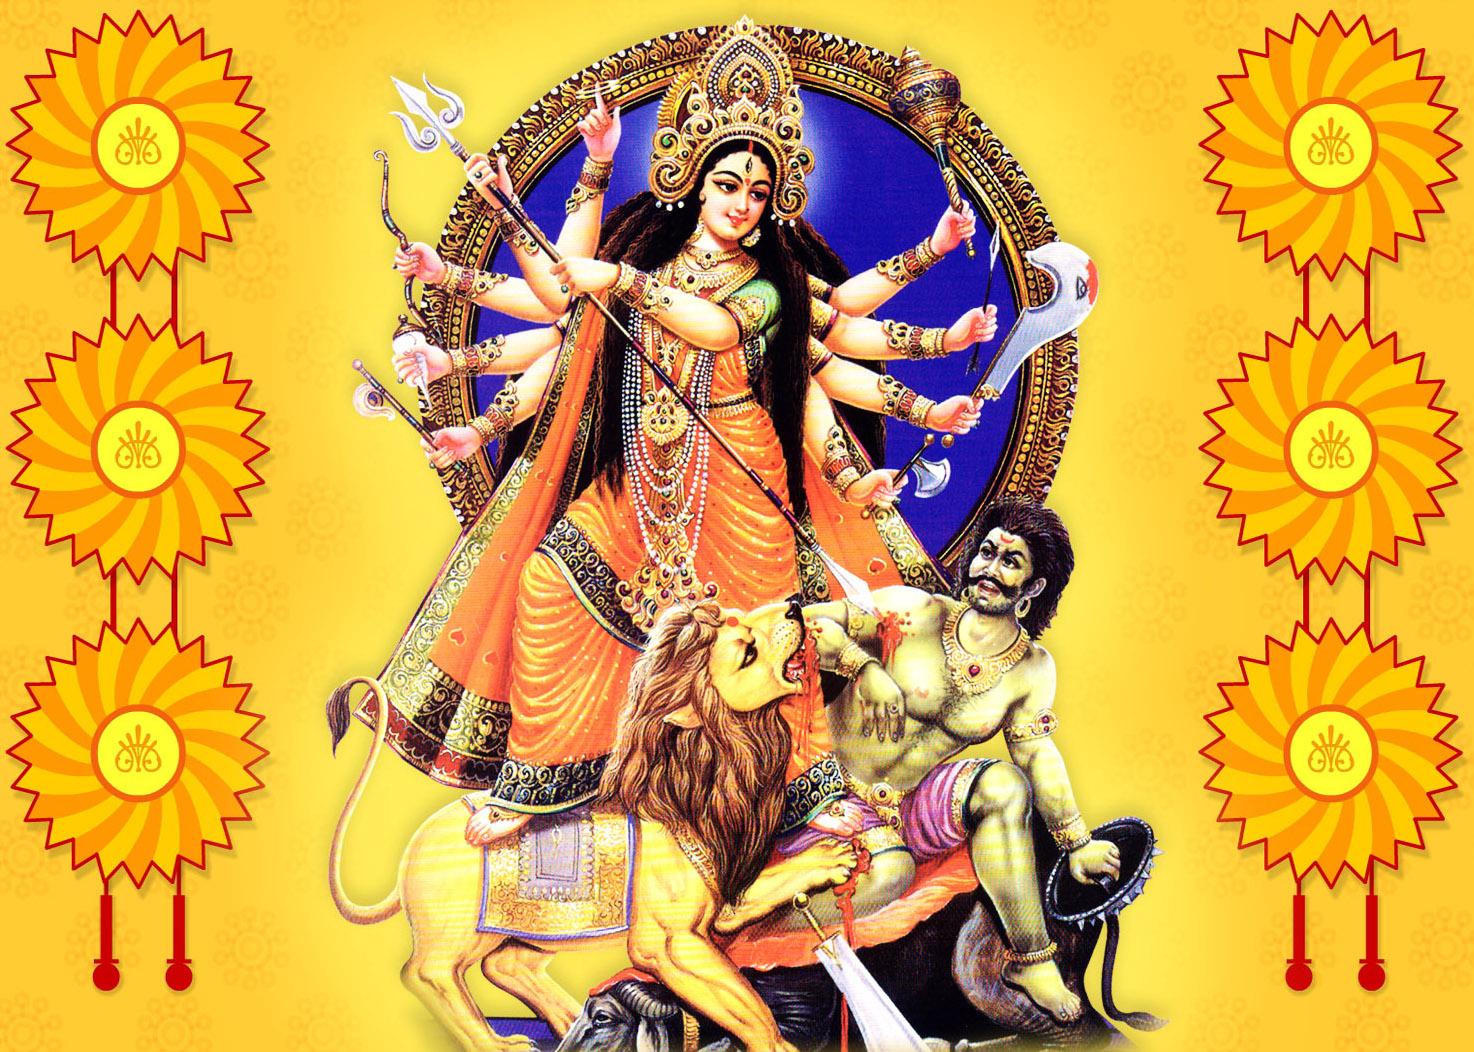 http://1.bp.blogspot.com/-eGakgW5Yia4/UDJVnIY7i0I/AAAAAAAAEOQ/J7QpprohIw8/s1600/maa_durga_indiaimagine02.jpg